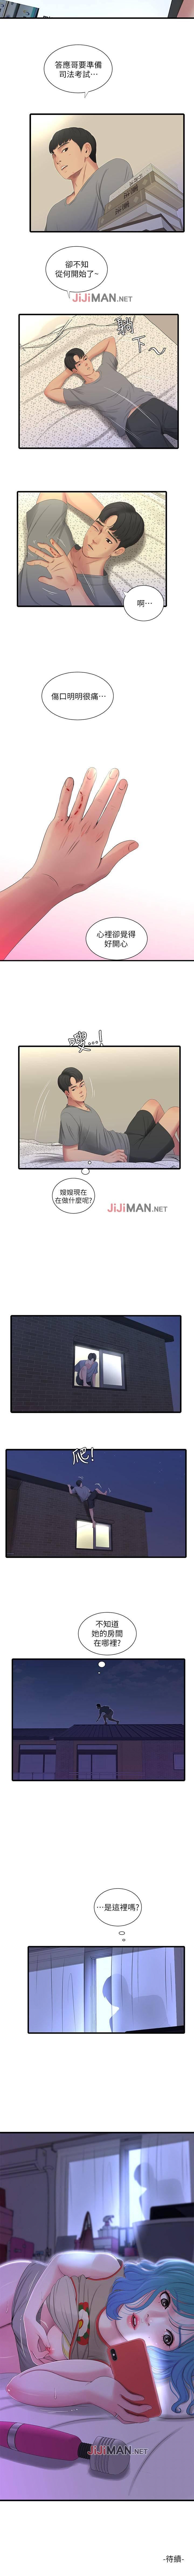 【周四连载】亲家四姐妹(作者:愛摸) 第1~37话 82